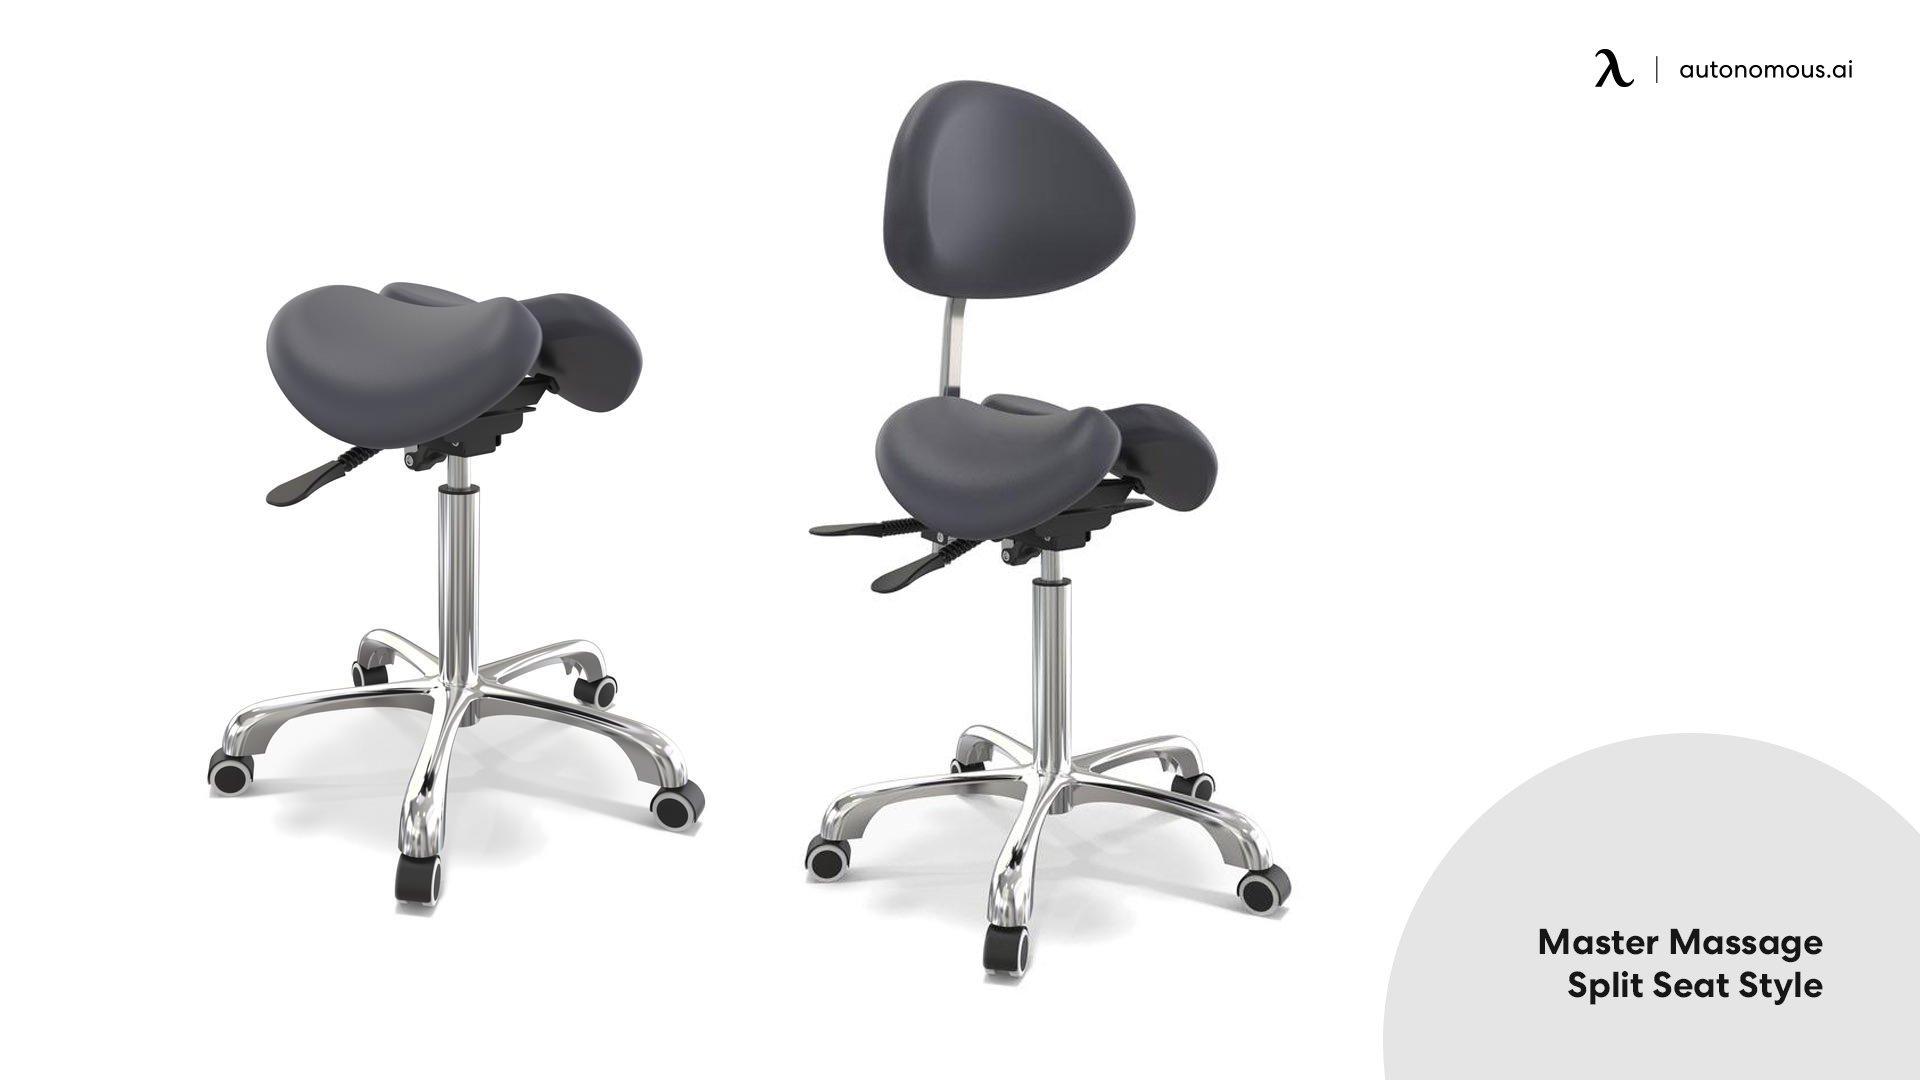 Master massage split seat style